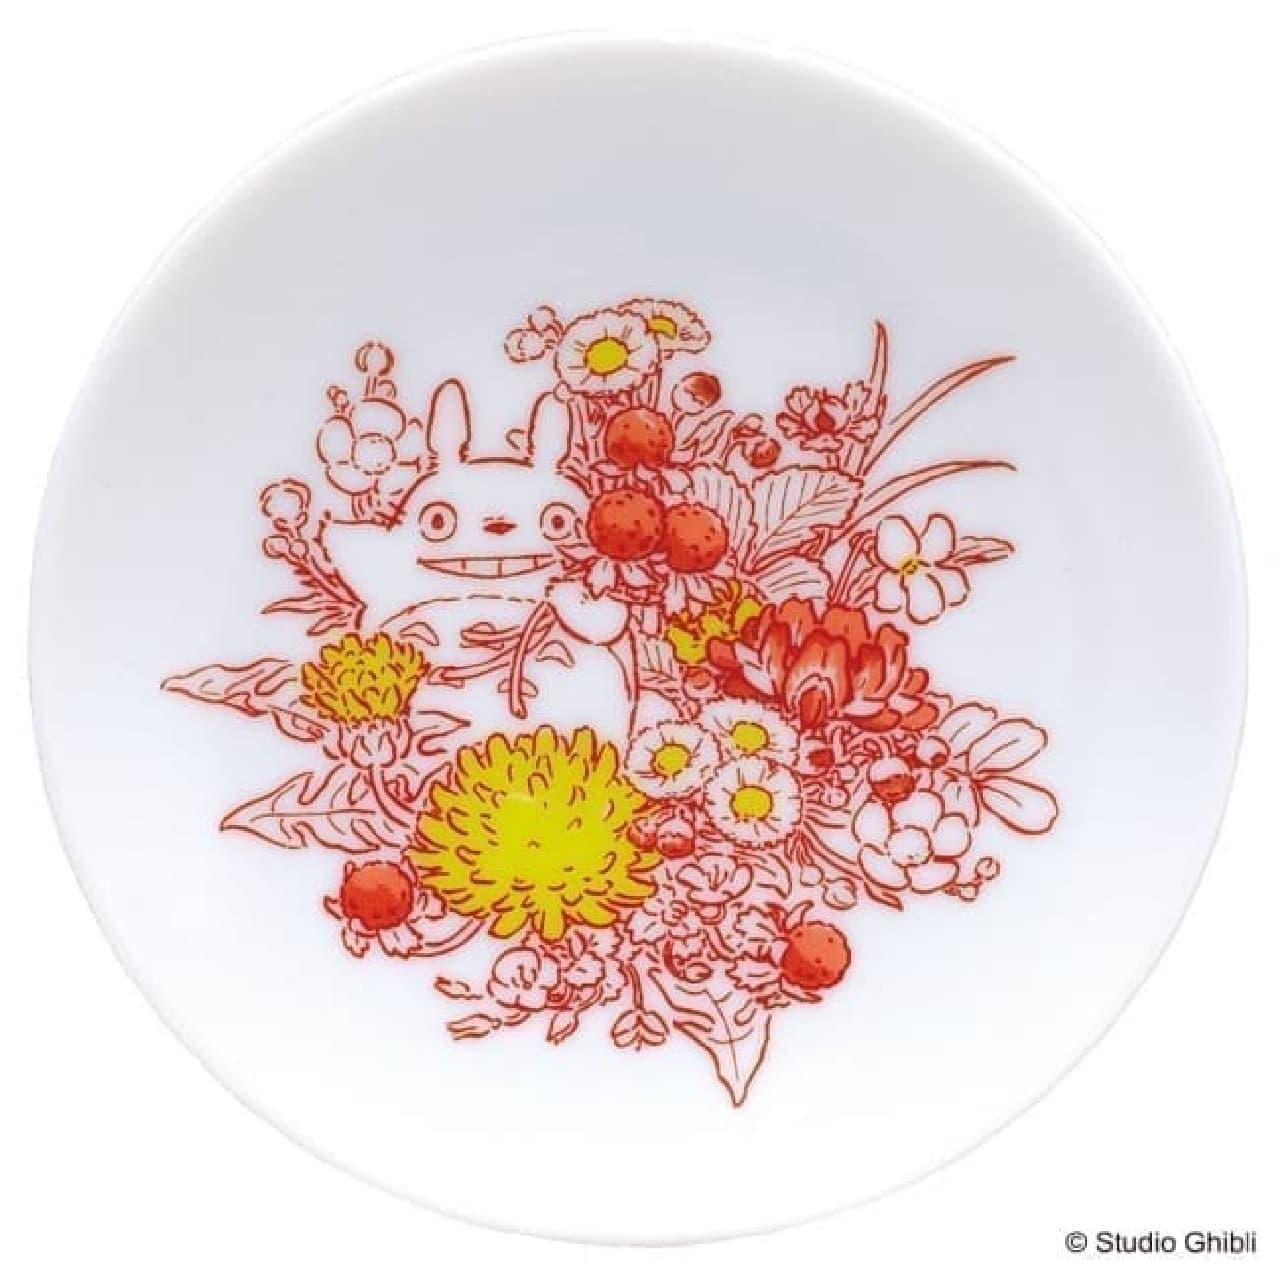 となりのトトロや魔女の宅急便の「ちいさなお皿」がもらえる! -- どんぐり共和国がプレゼントキャンペーン